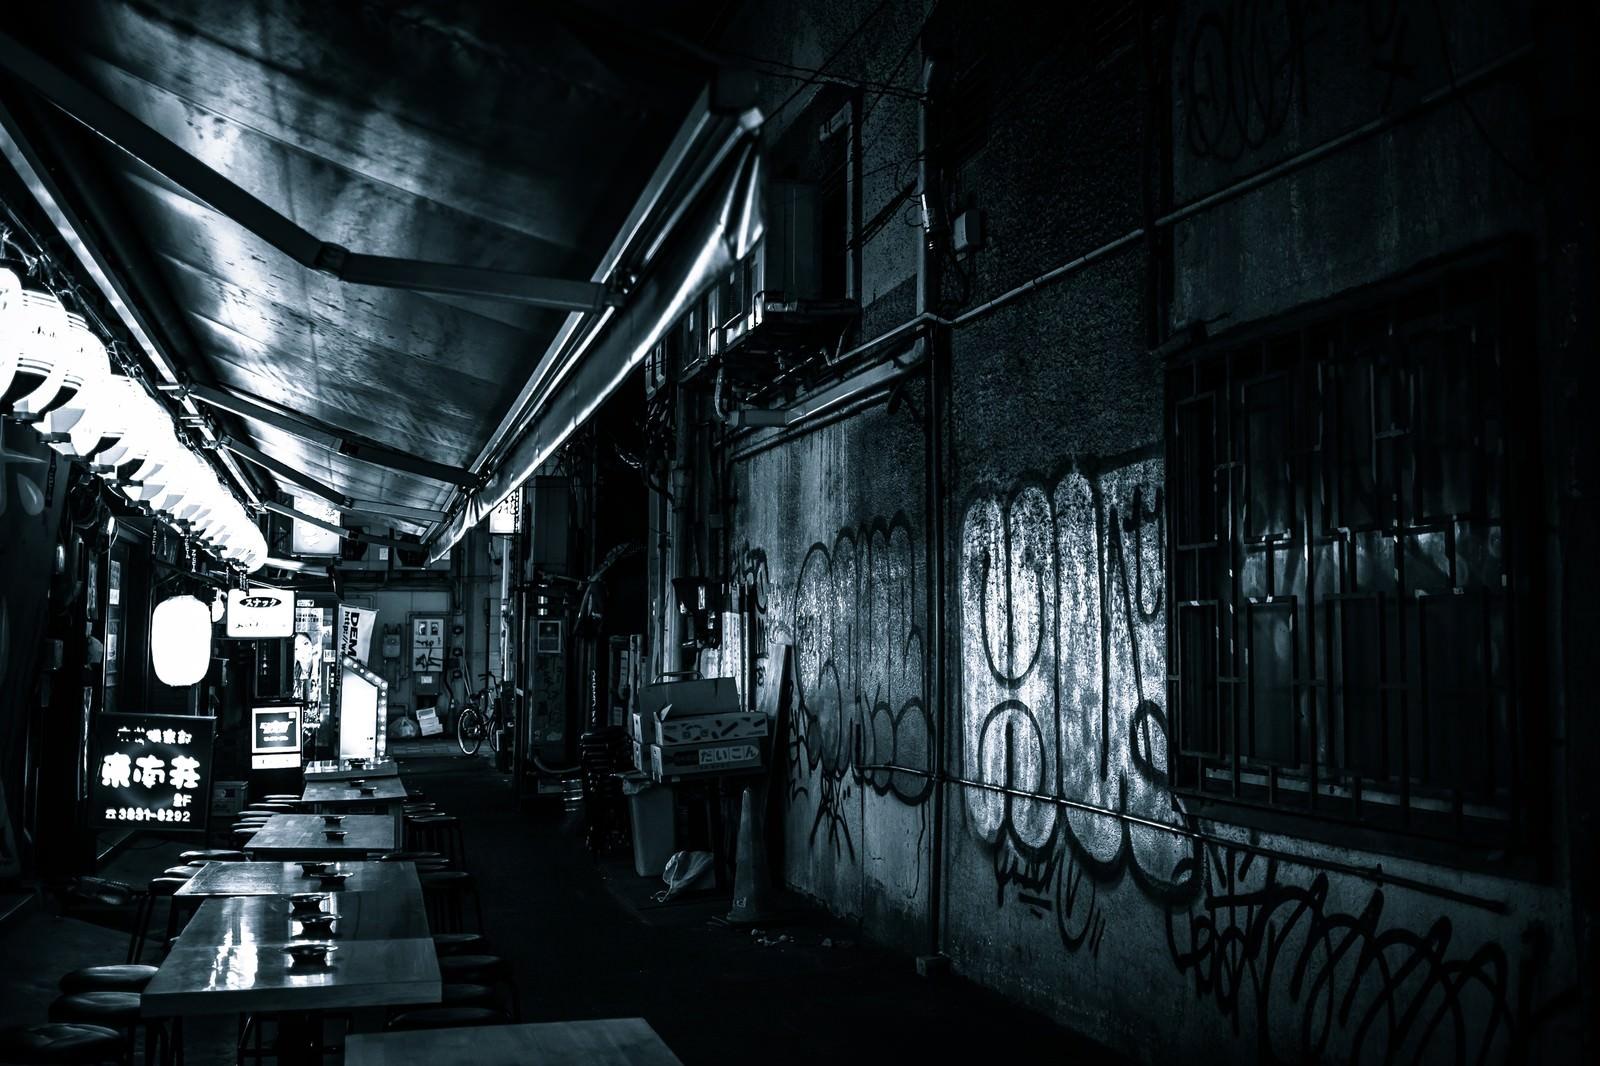 「高架下の飲み屋」の写真